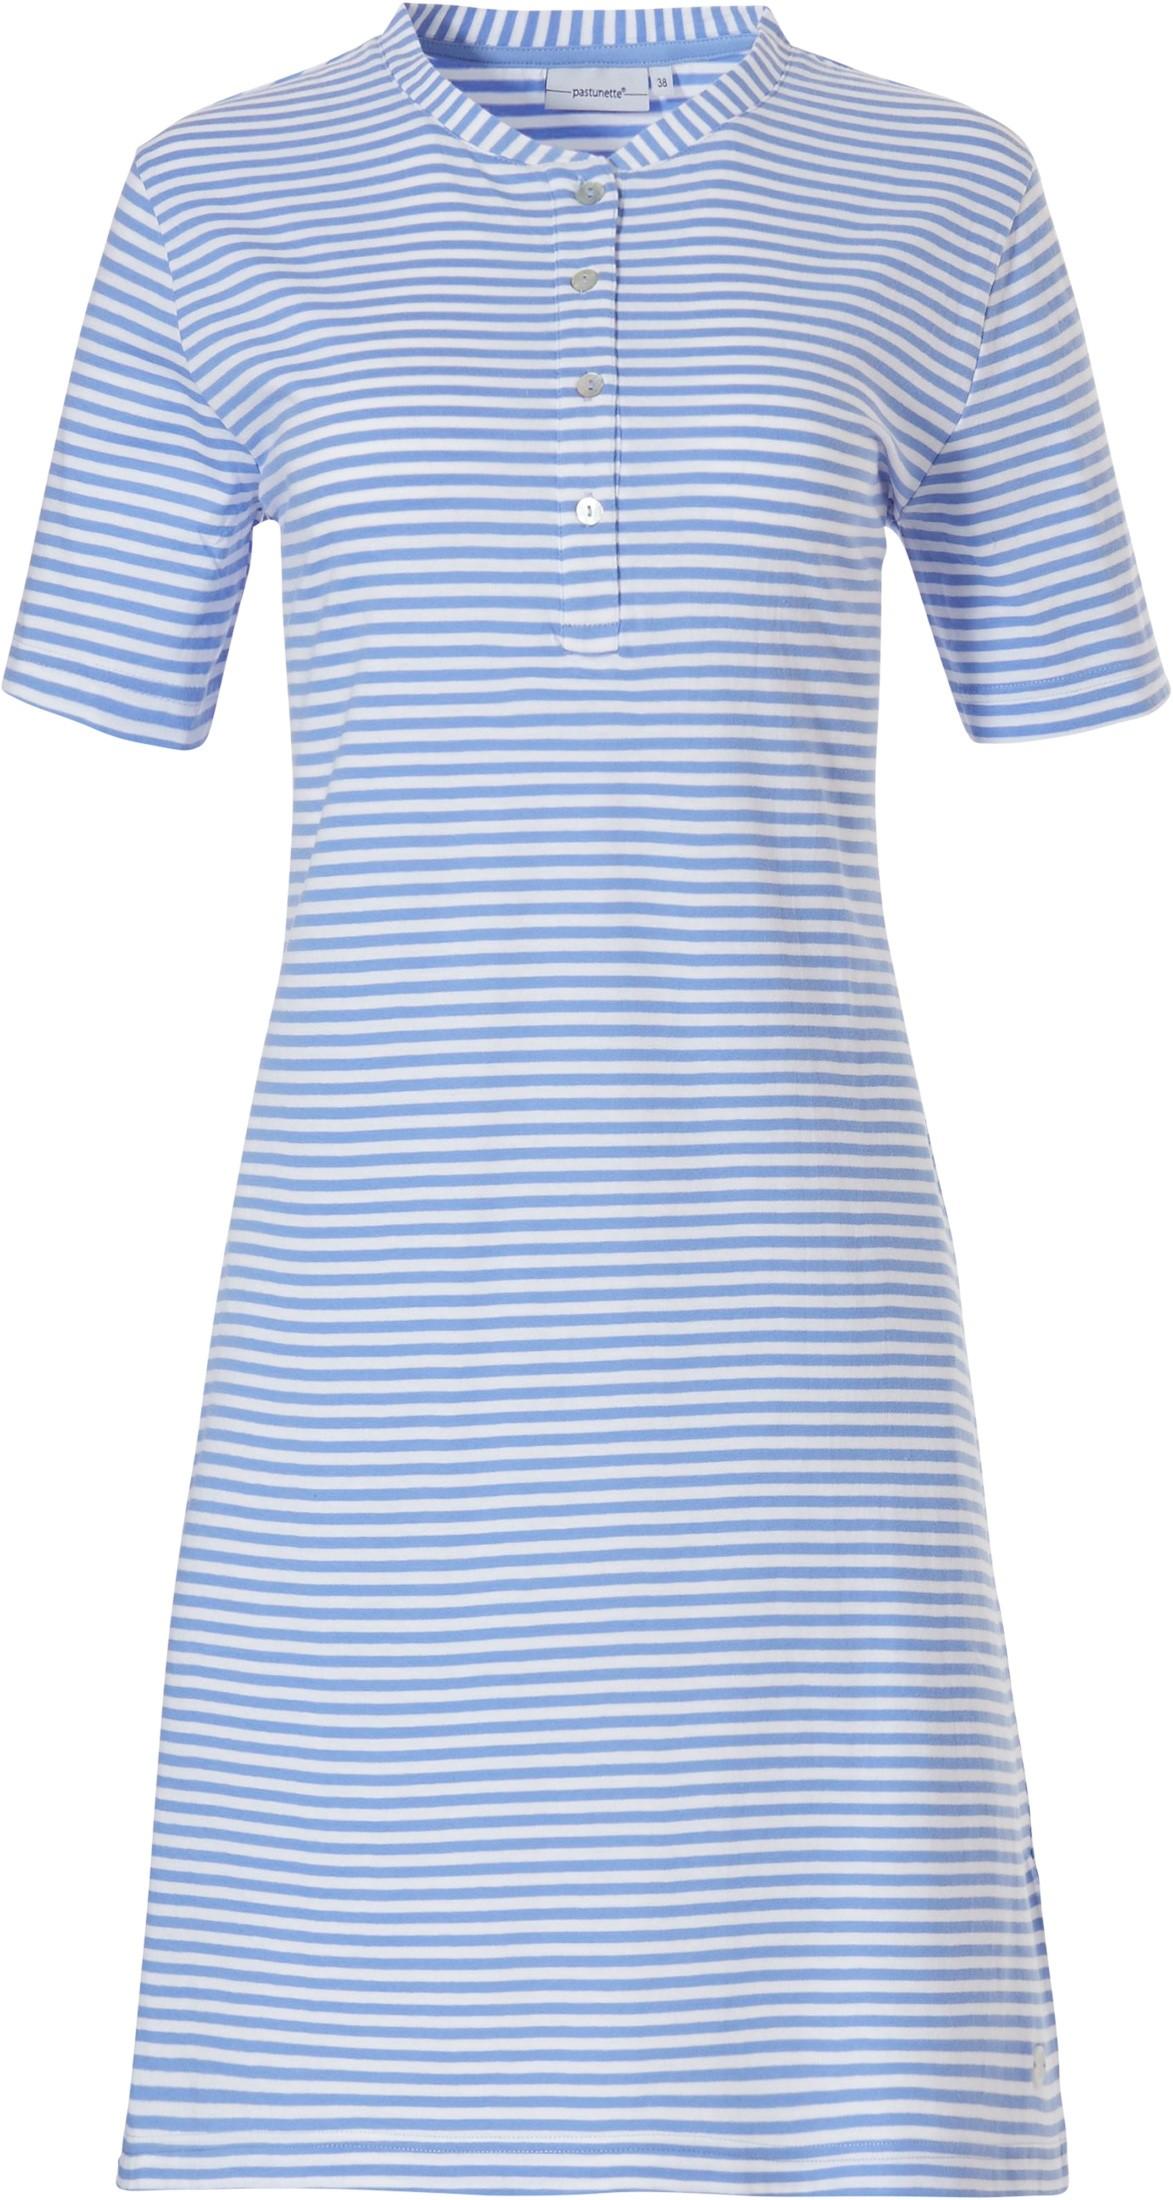 Dames nachthemd Pastunette 10201-110-4-54